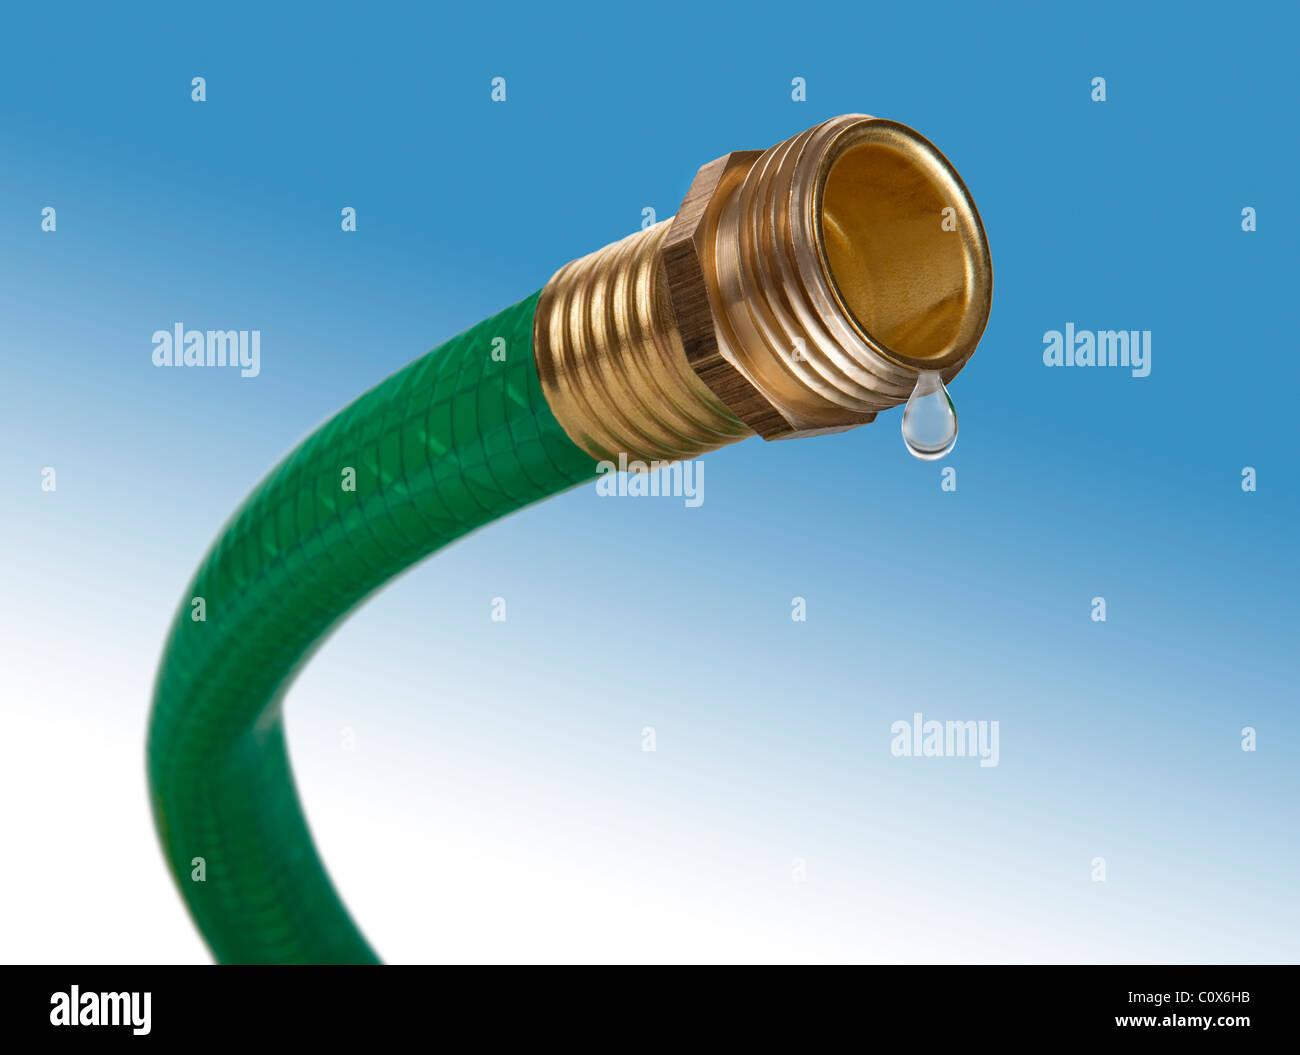 Una manguera de jardín verde con sólo una gota de agua que sale. Foto de stock